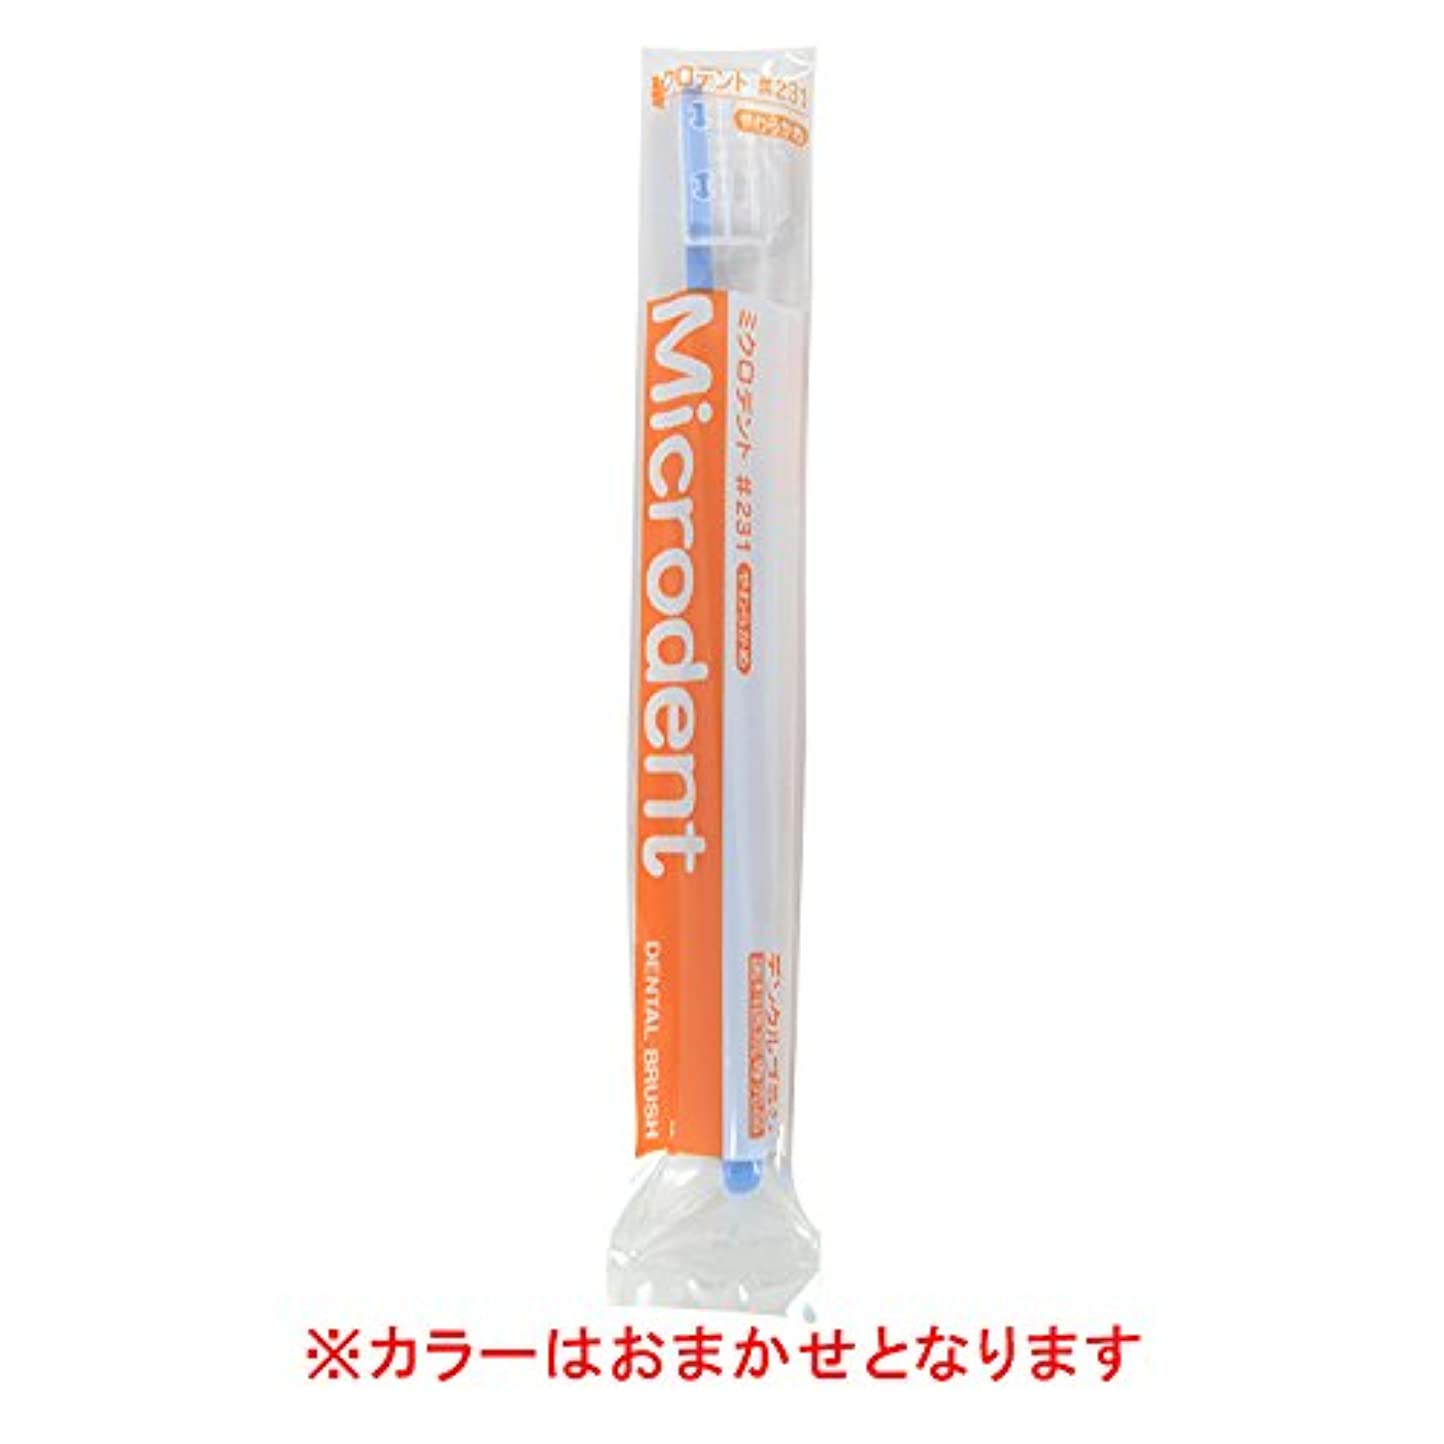 ワーディアンケースページチャート白水貿易 ミクロデント(Microdent) 1本 (#231)